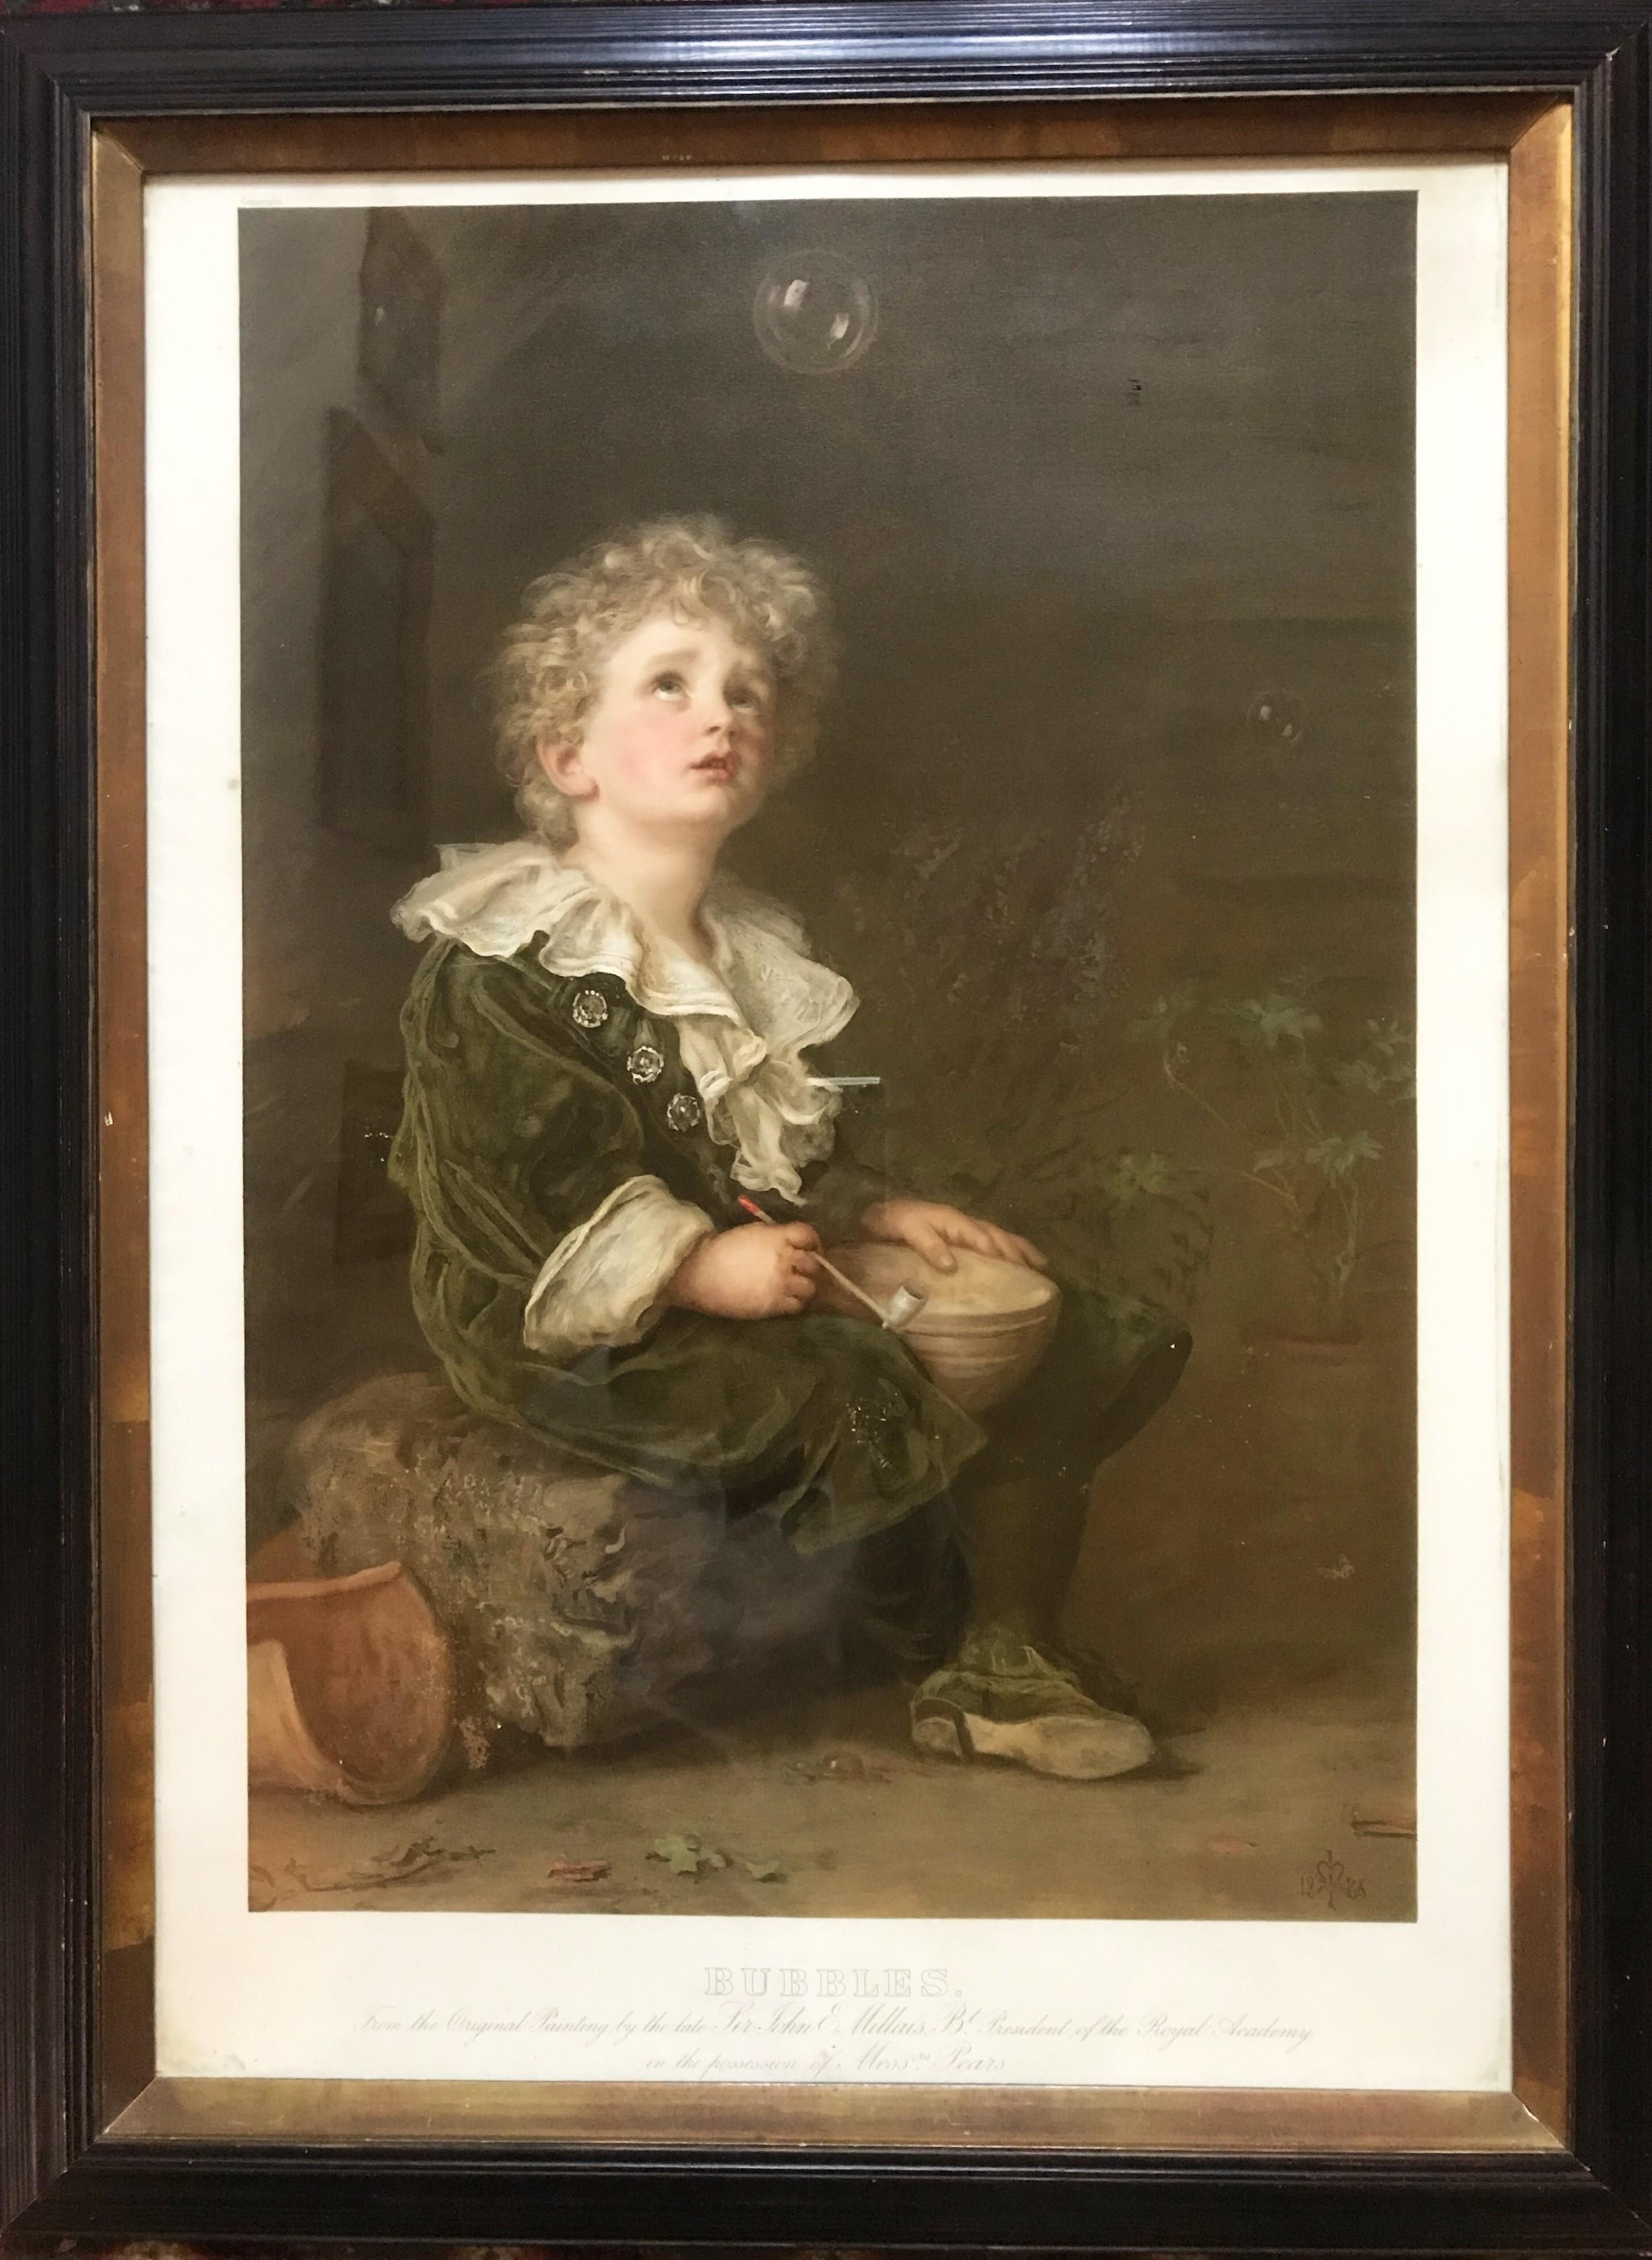 bubbles original pears print after john everett millais antique frame portrait under glass